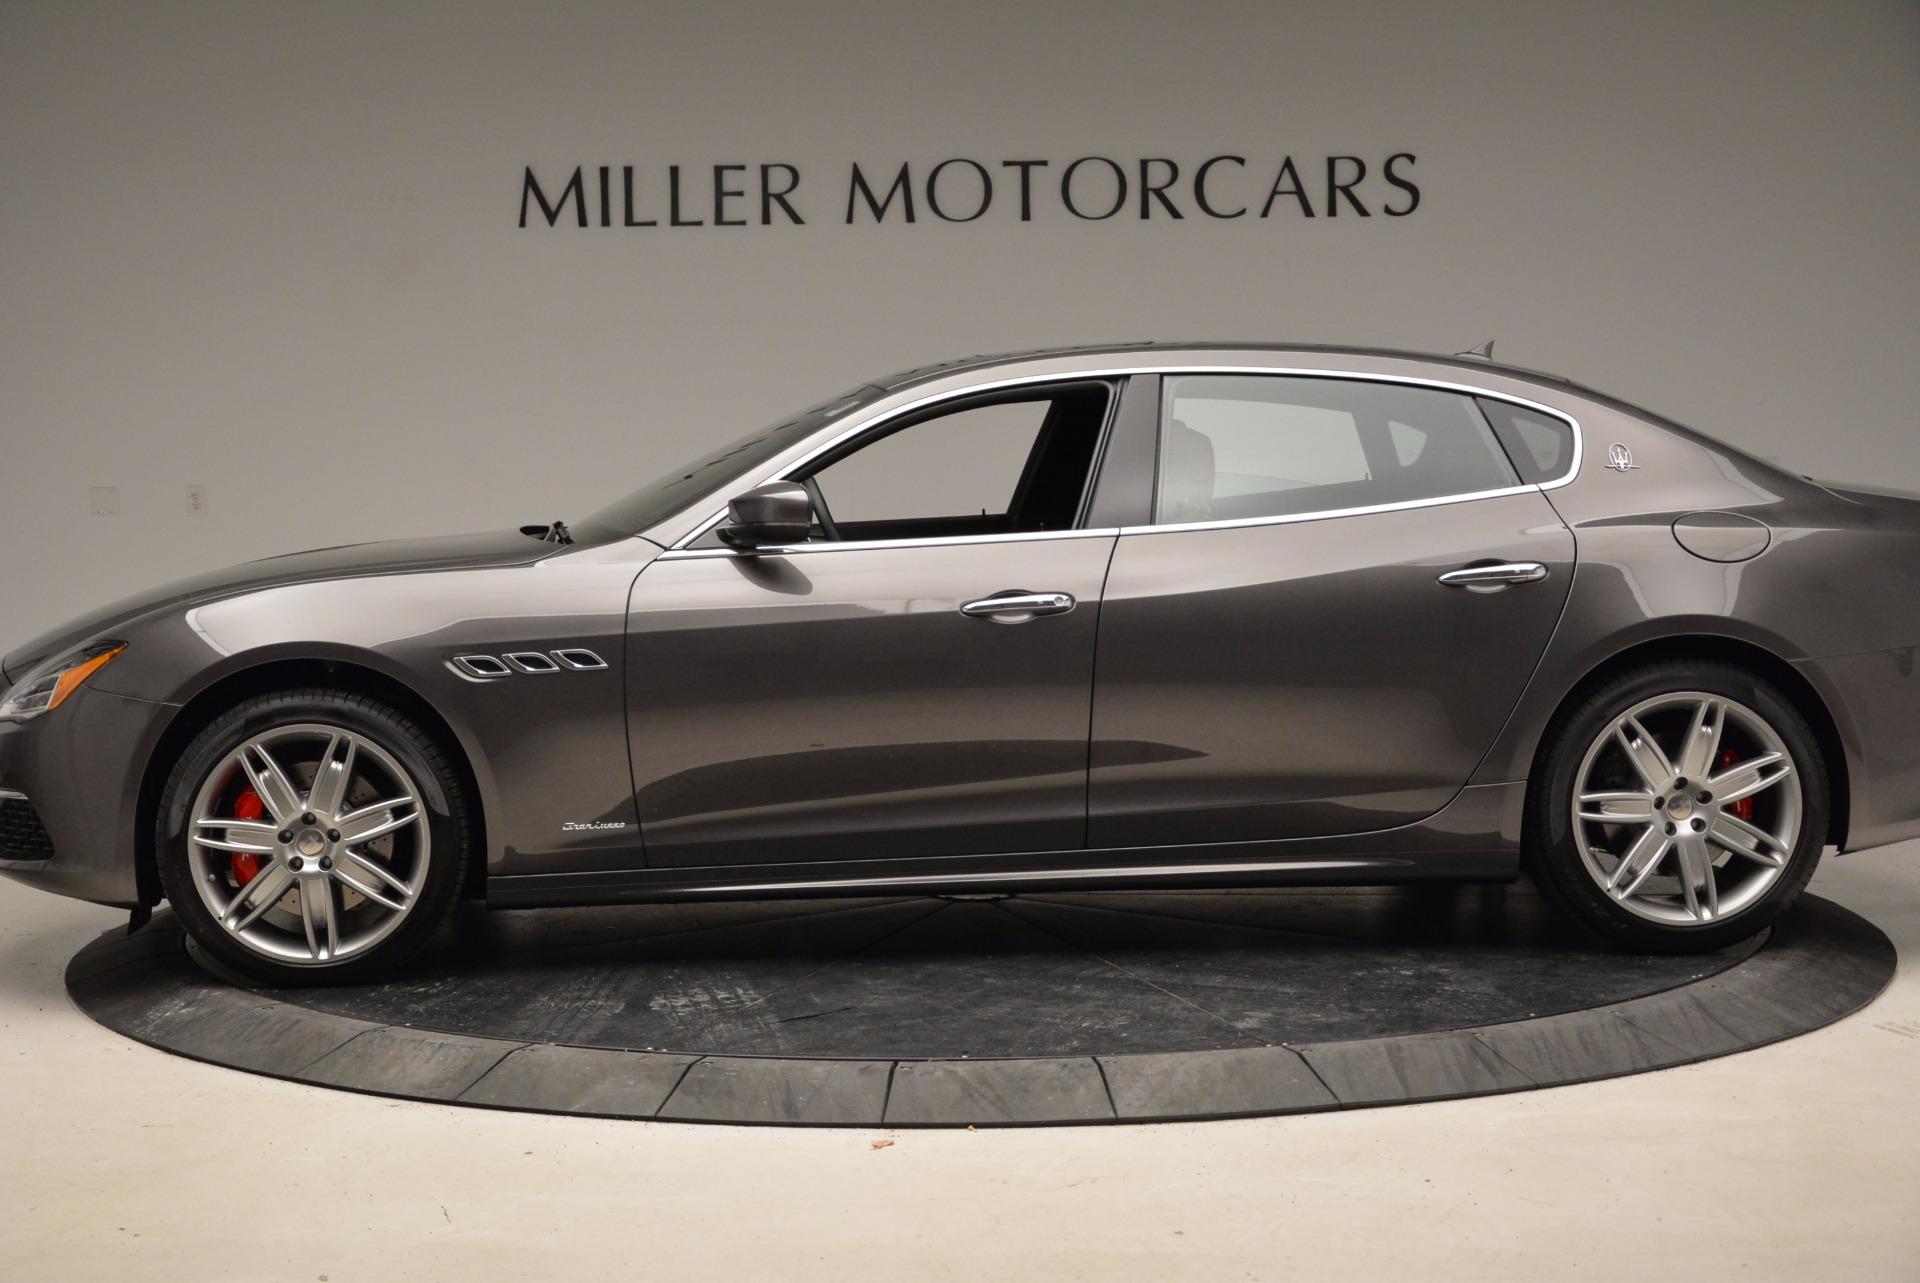 New 2018 Maserati Quattroporte S Q4 GranLusso For Sale In Greenwich, CT. Alfa Romeo of Greenwich, W544 1888_p3